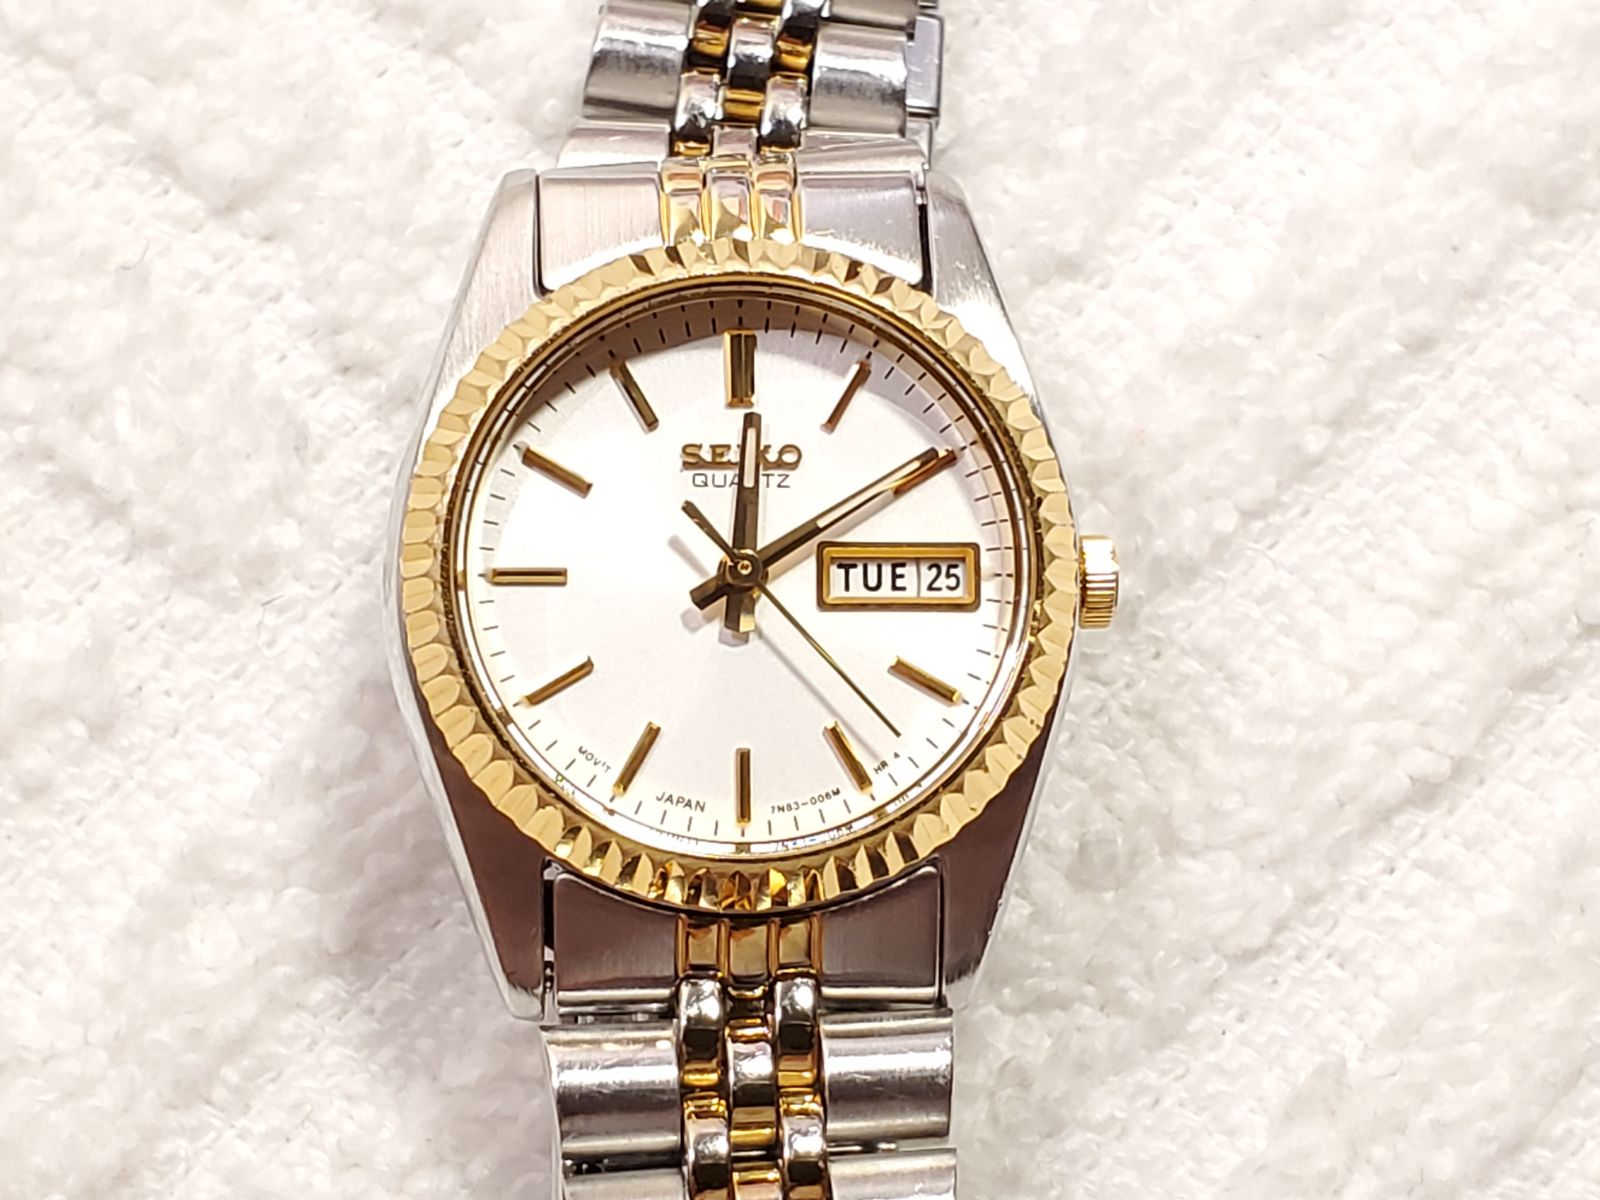 Vintage Seiko Day Date Quartz Watch